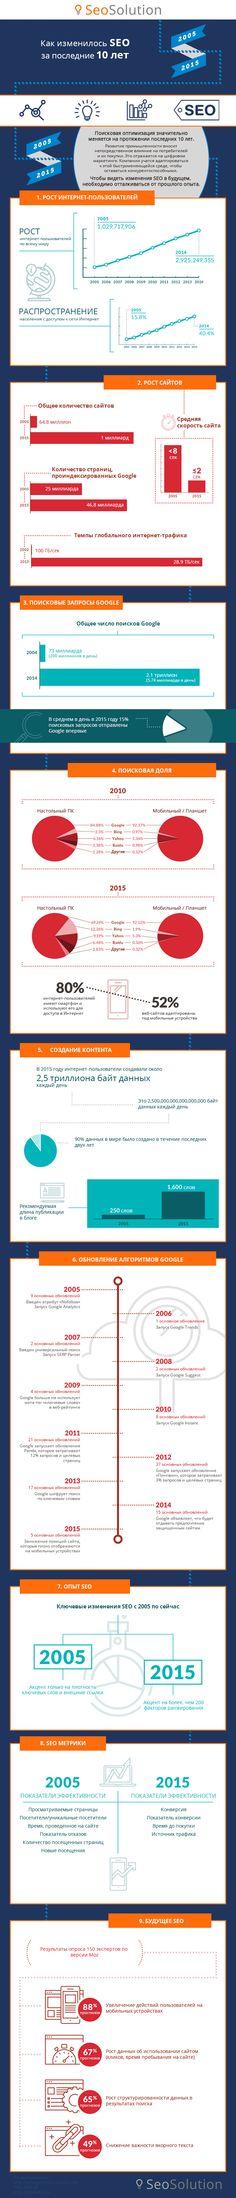 И в конце рабочего дня предлагаем вашему вниманию интересную инфографику о том, как изменилось SEO за 10 лет. Есть чему удивиться!) Приятного просмотра! #SeoSolution #seoblog #seotips #marketing #продвижение #SEO #оптимизация #раскрутка #соцсети #смм #internetmarketing